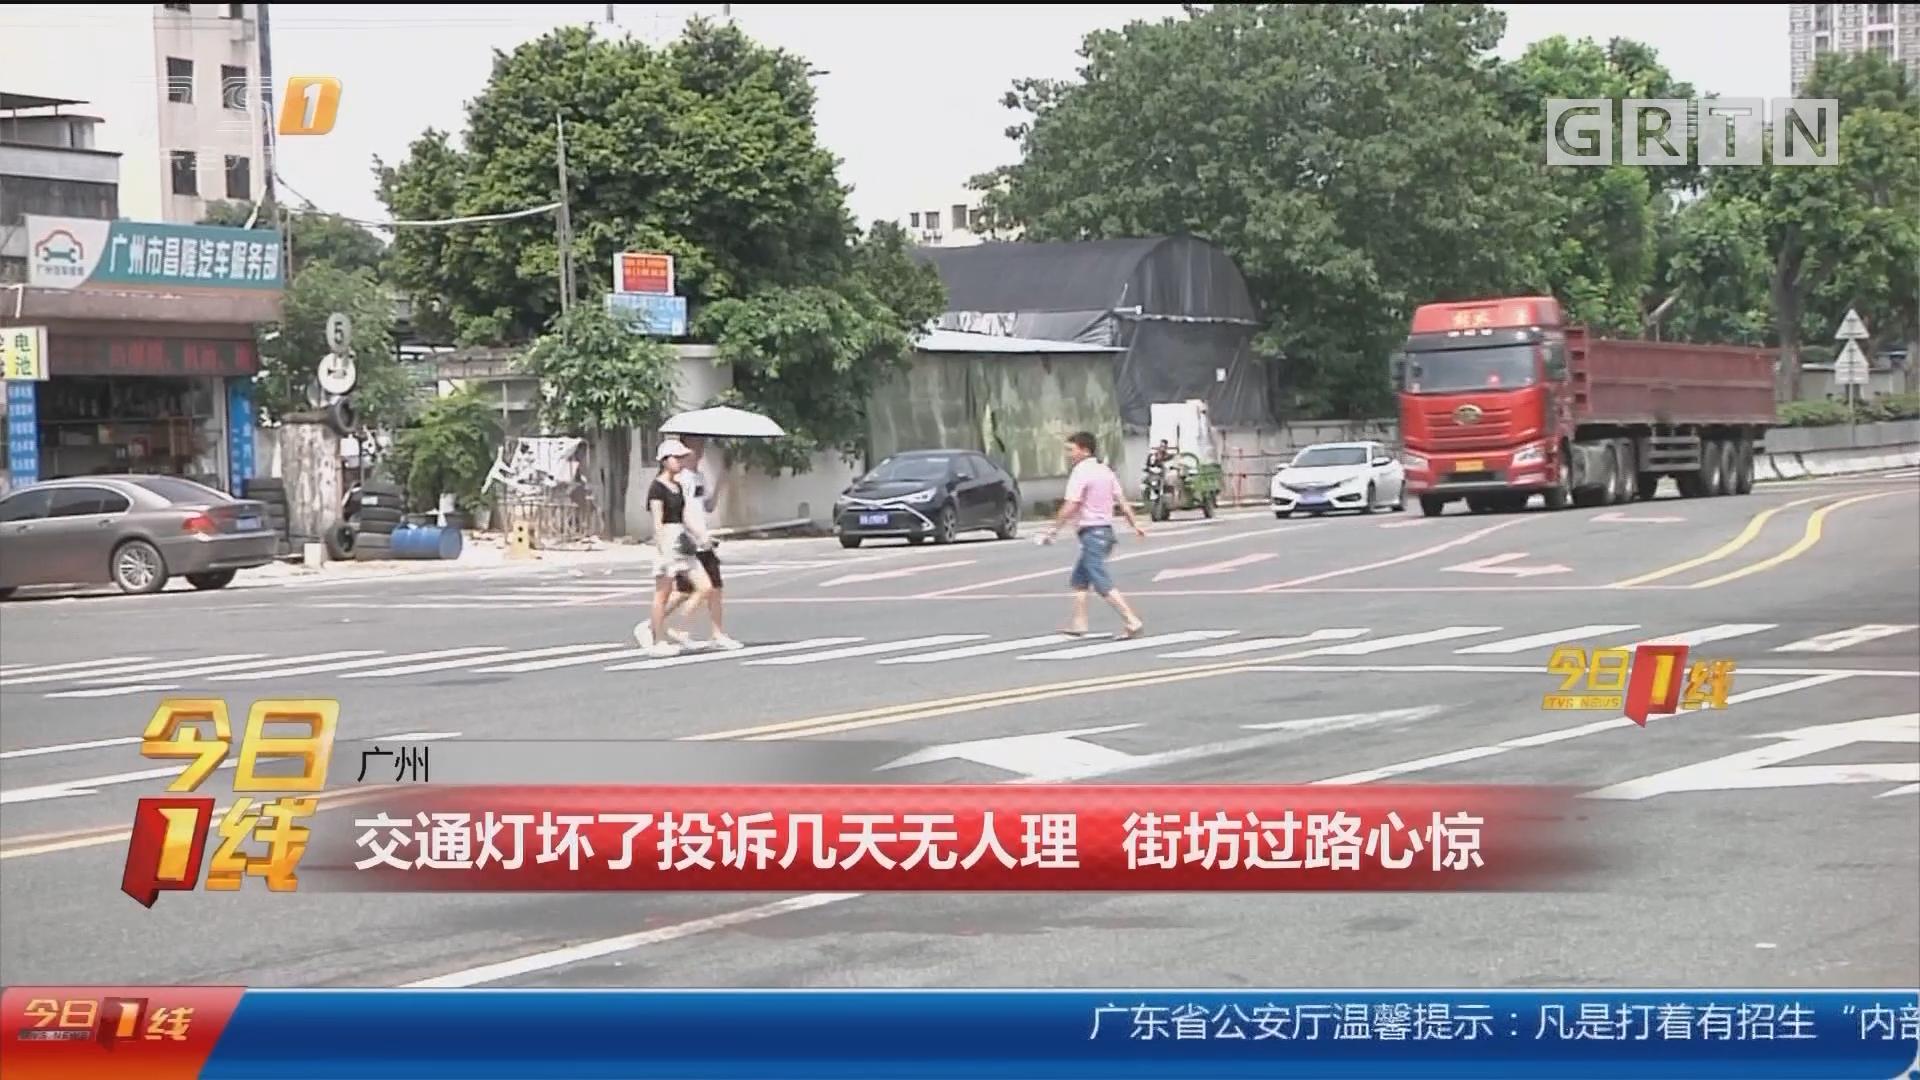 广州:交通灯坏了投诉几天无人理 街坊过路心惊